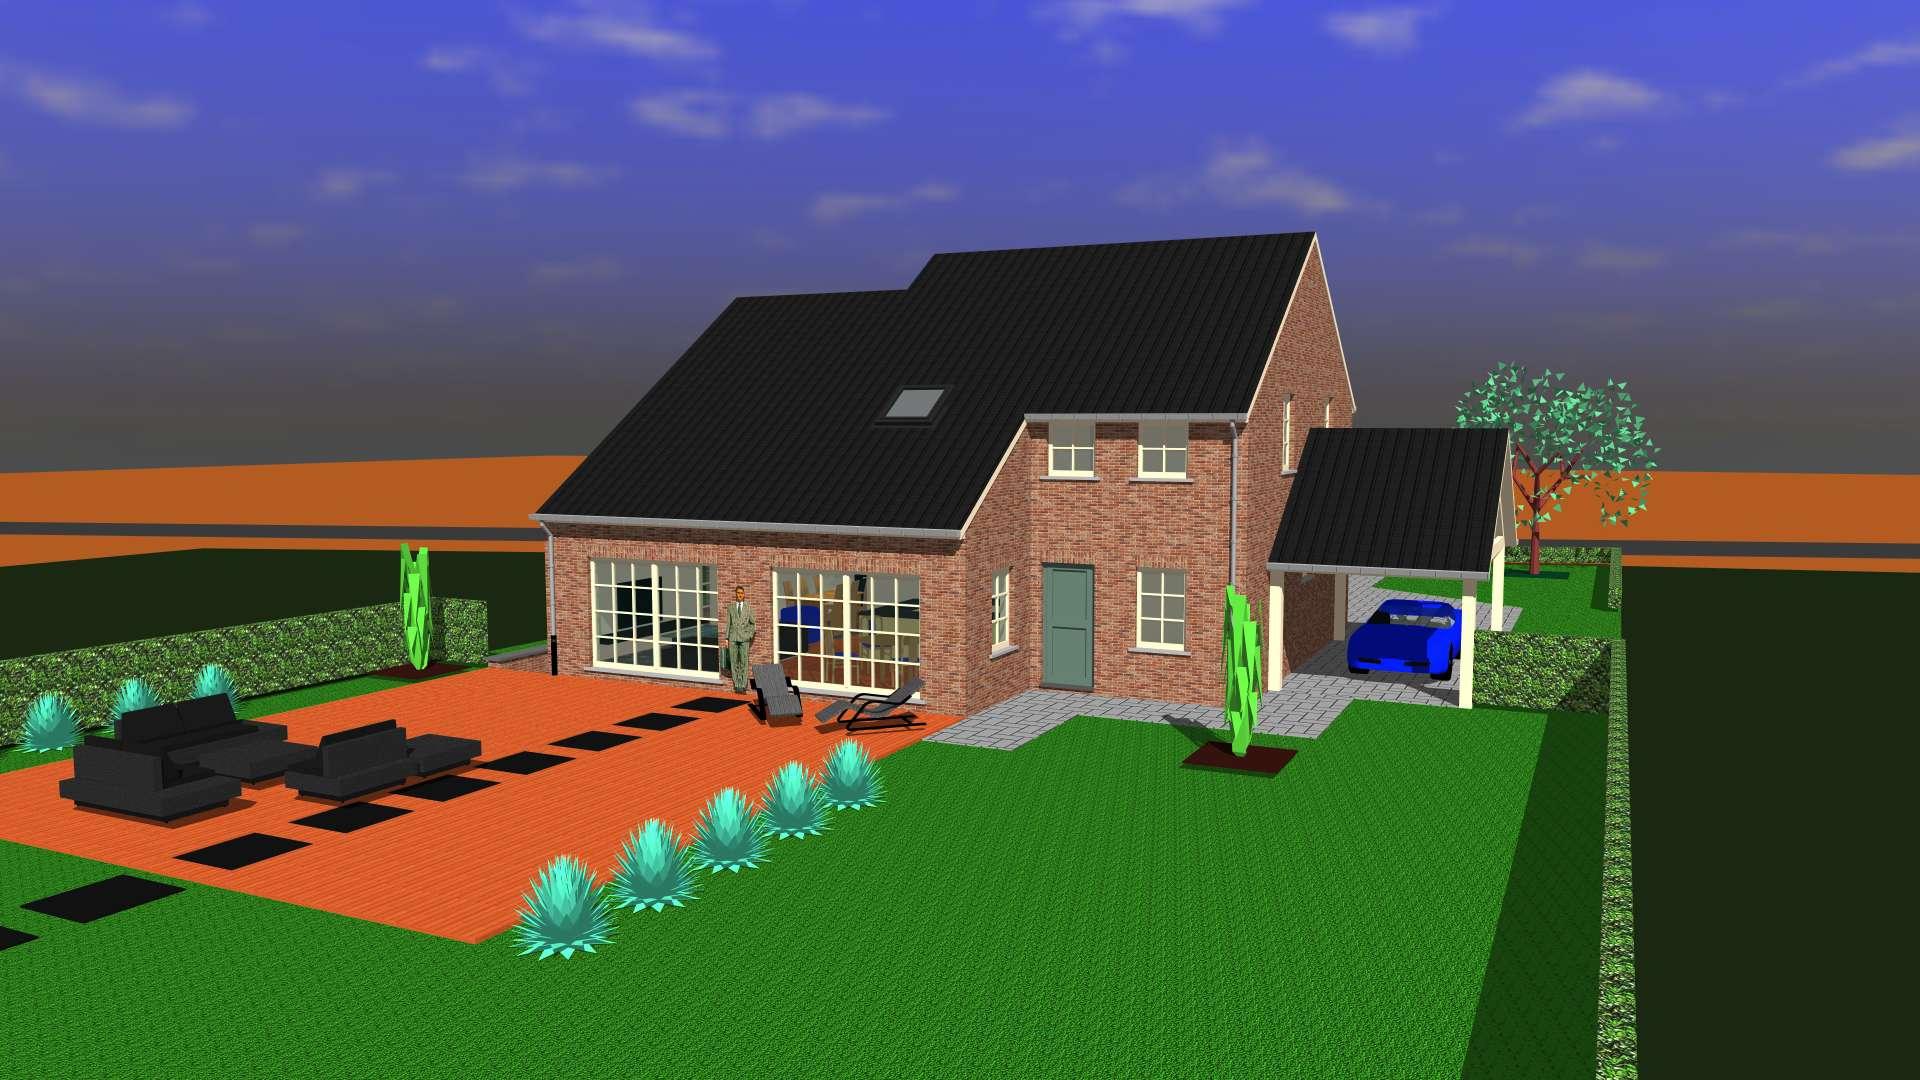 Detail afbeelding 3 van DM   –   Landelijke woning in Pastorij-stijl   –  Wiemismeer | Ontwerp door architect Patrick Strackx